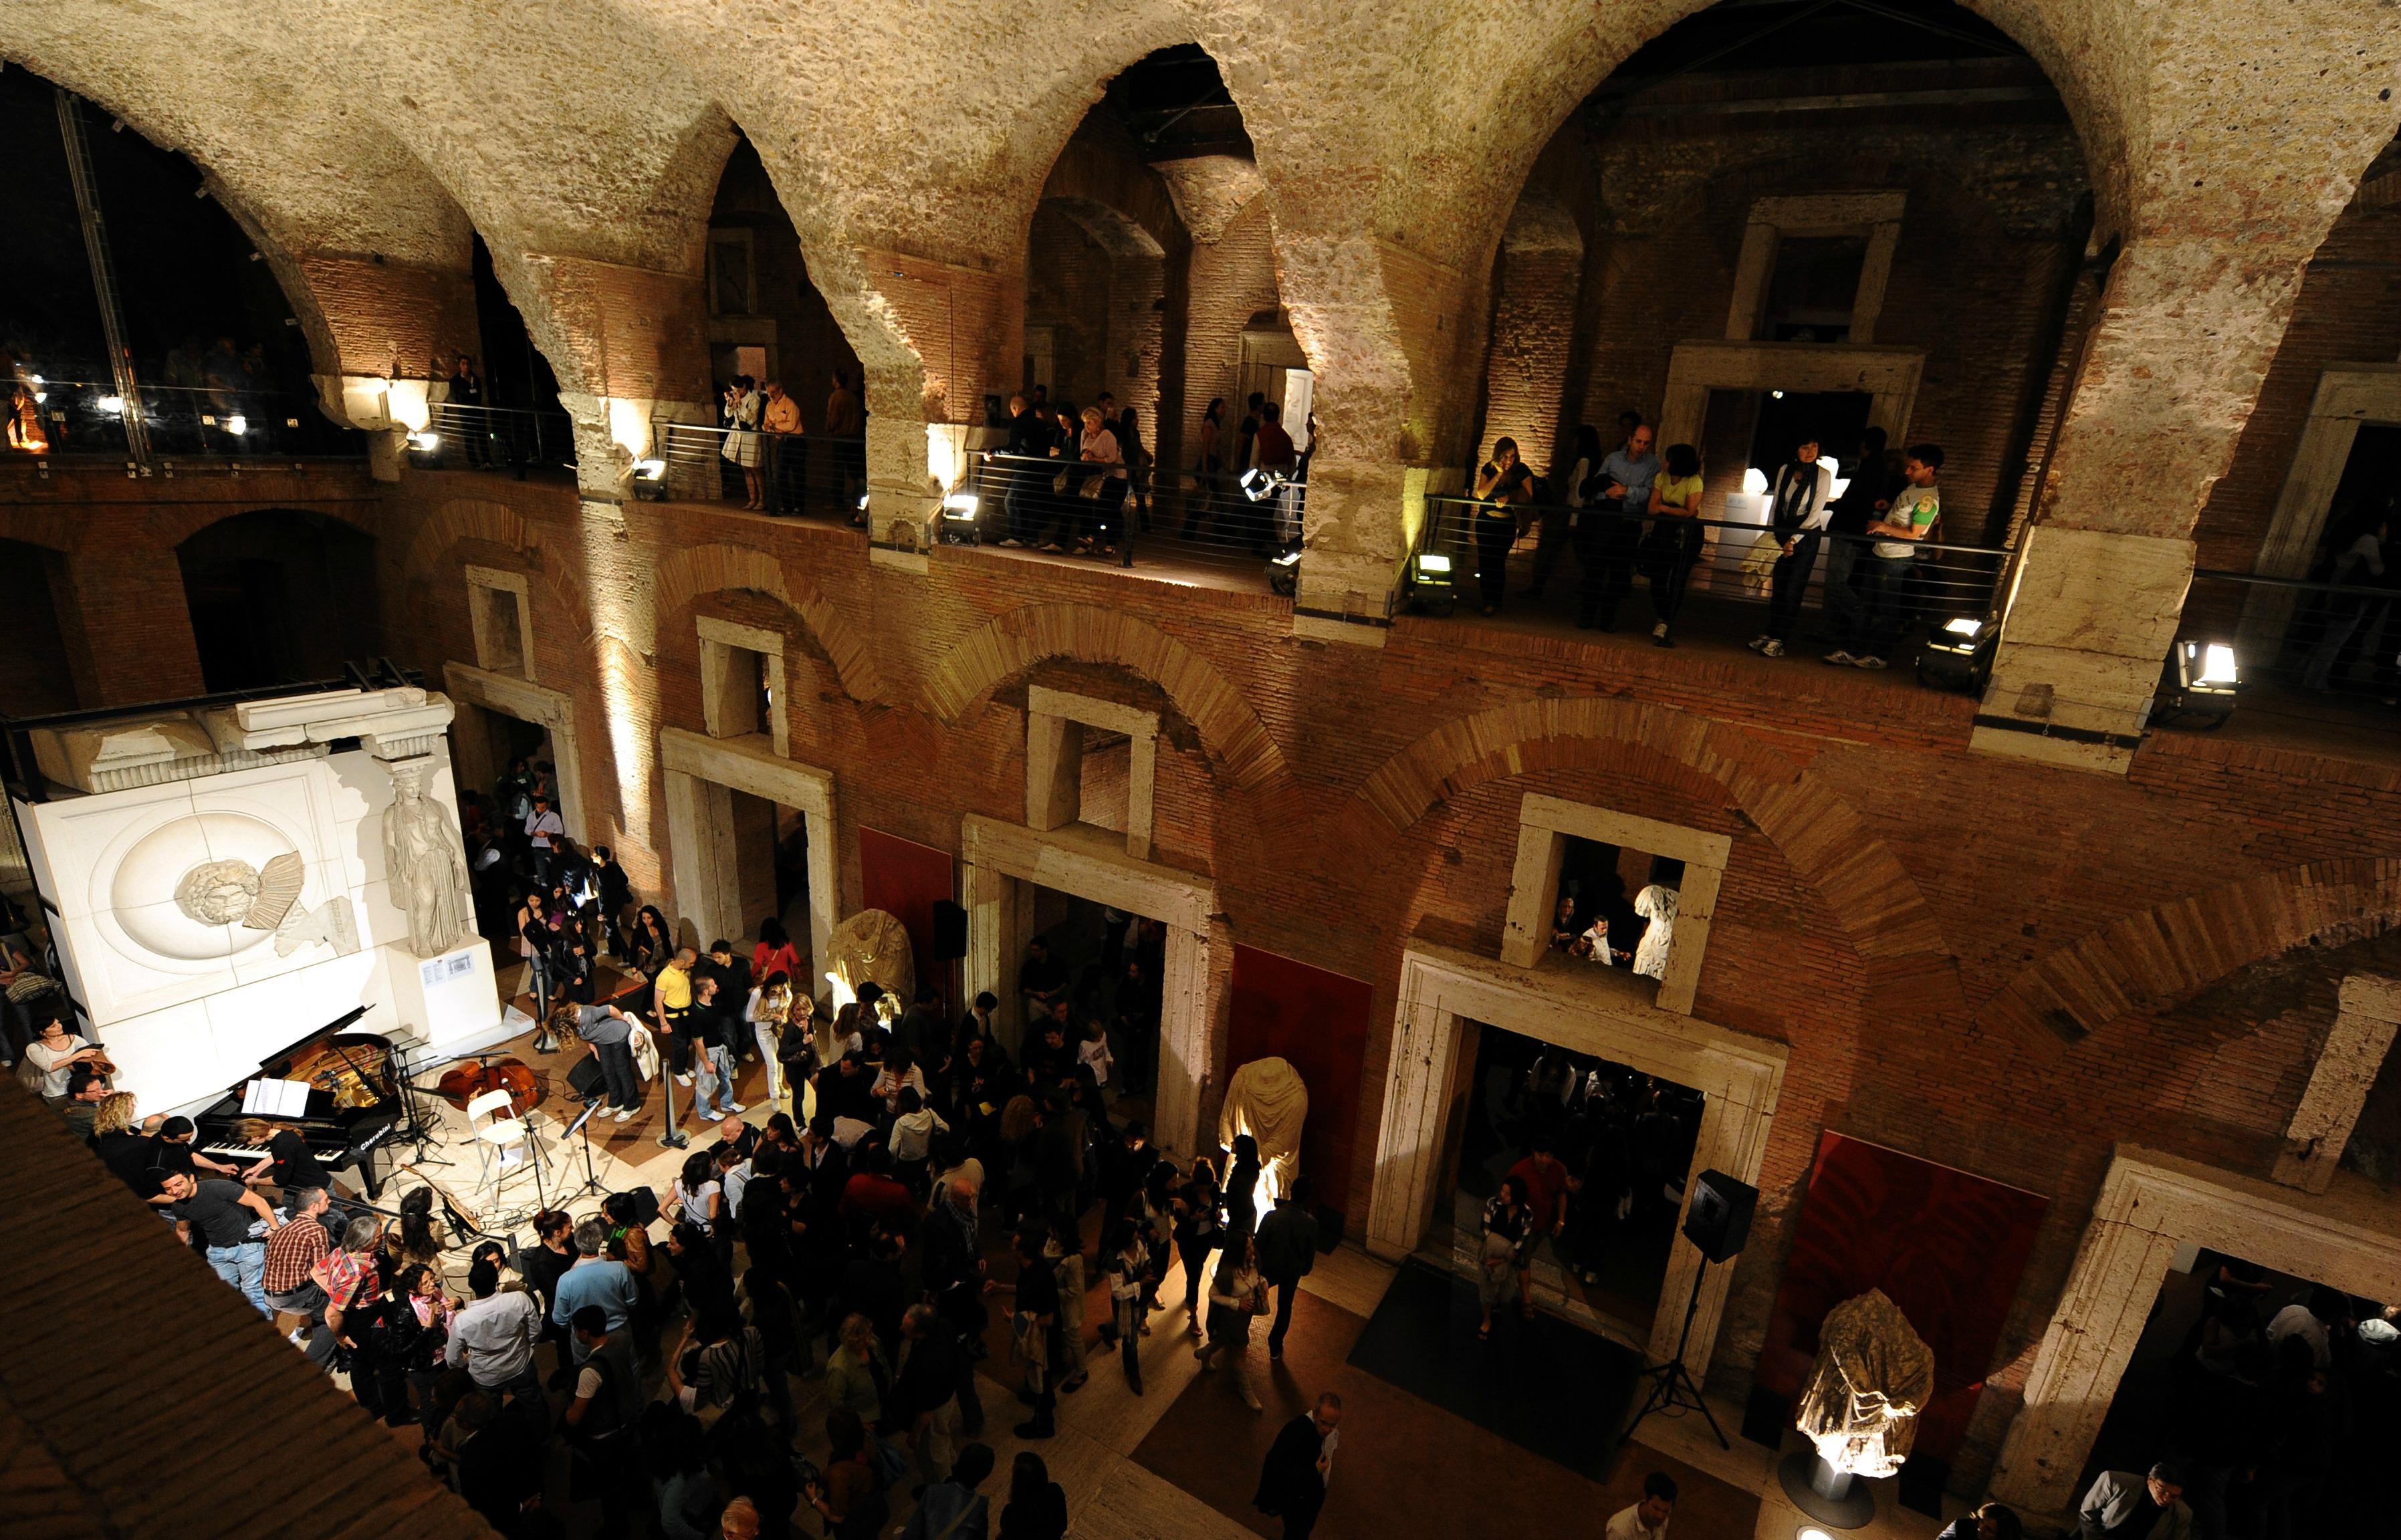 Pasqua 2016 roma musei aperti tra mostre e concerti gratis for Mostre roma 2016